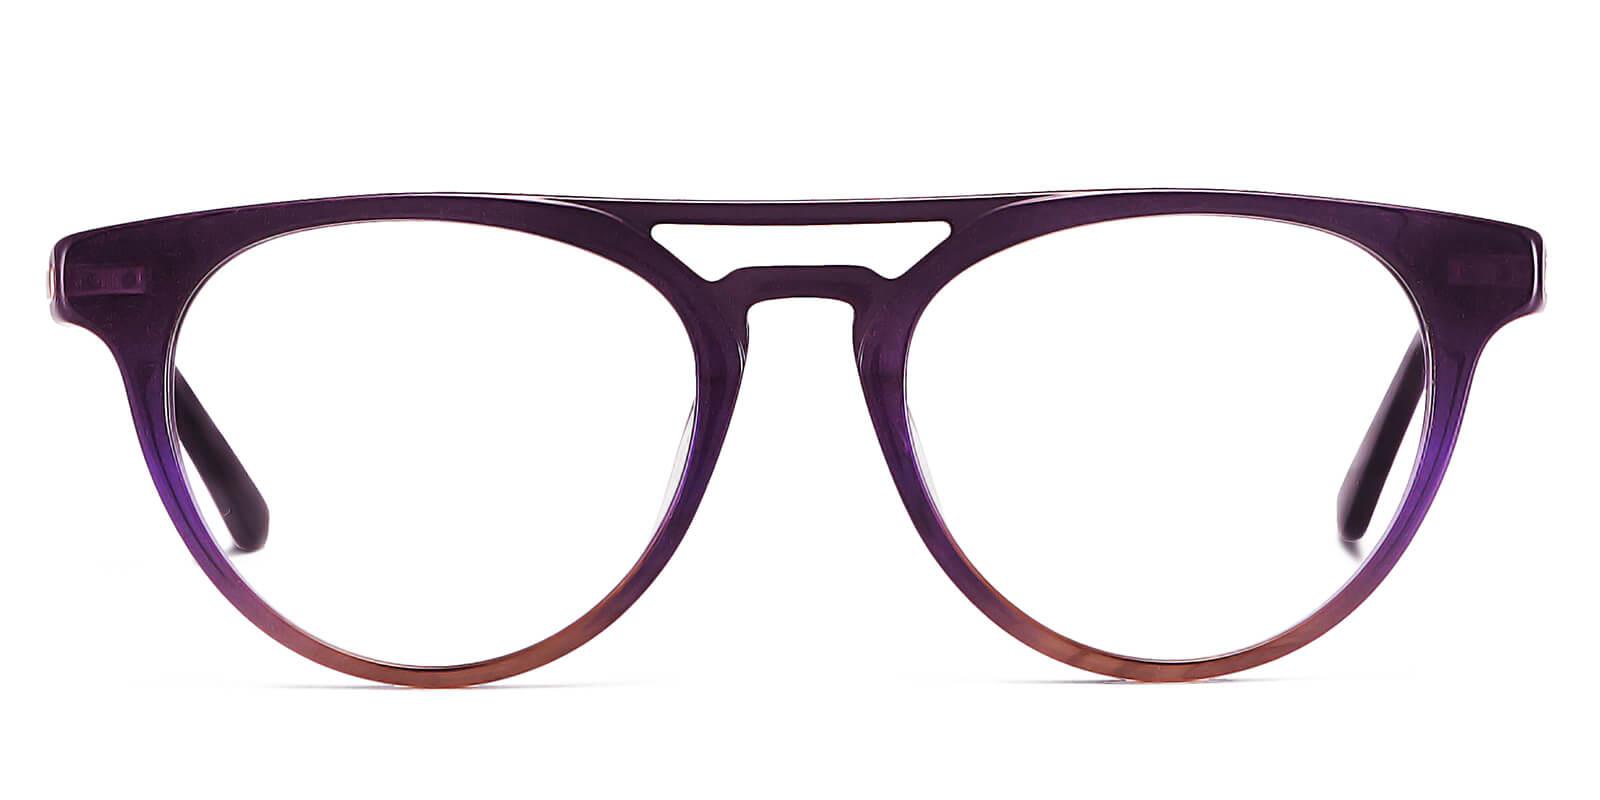 Hyatt-Hipster designer glasses : starry sky series mirror frame double bridge glasses